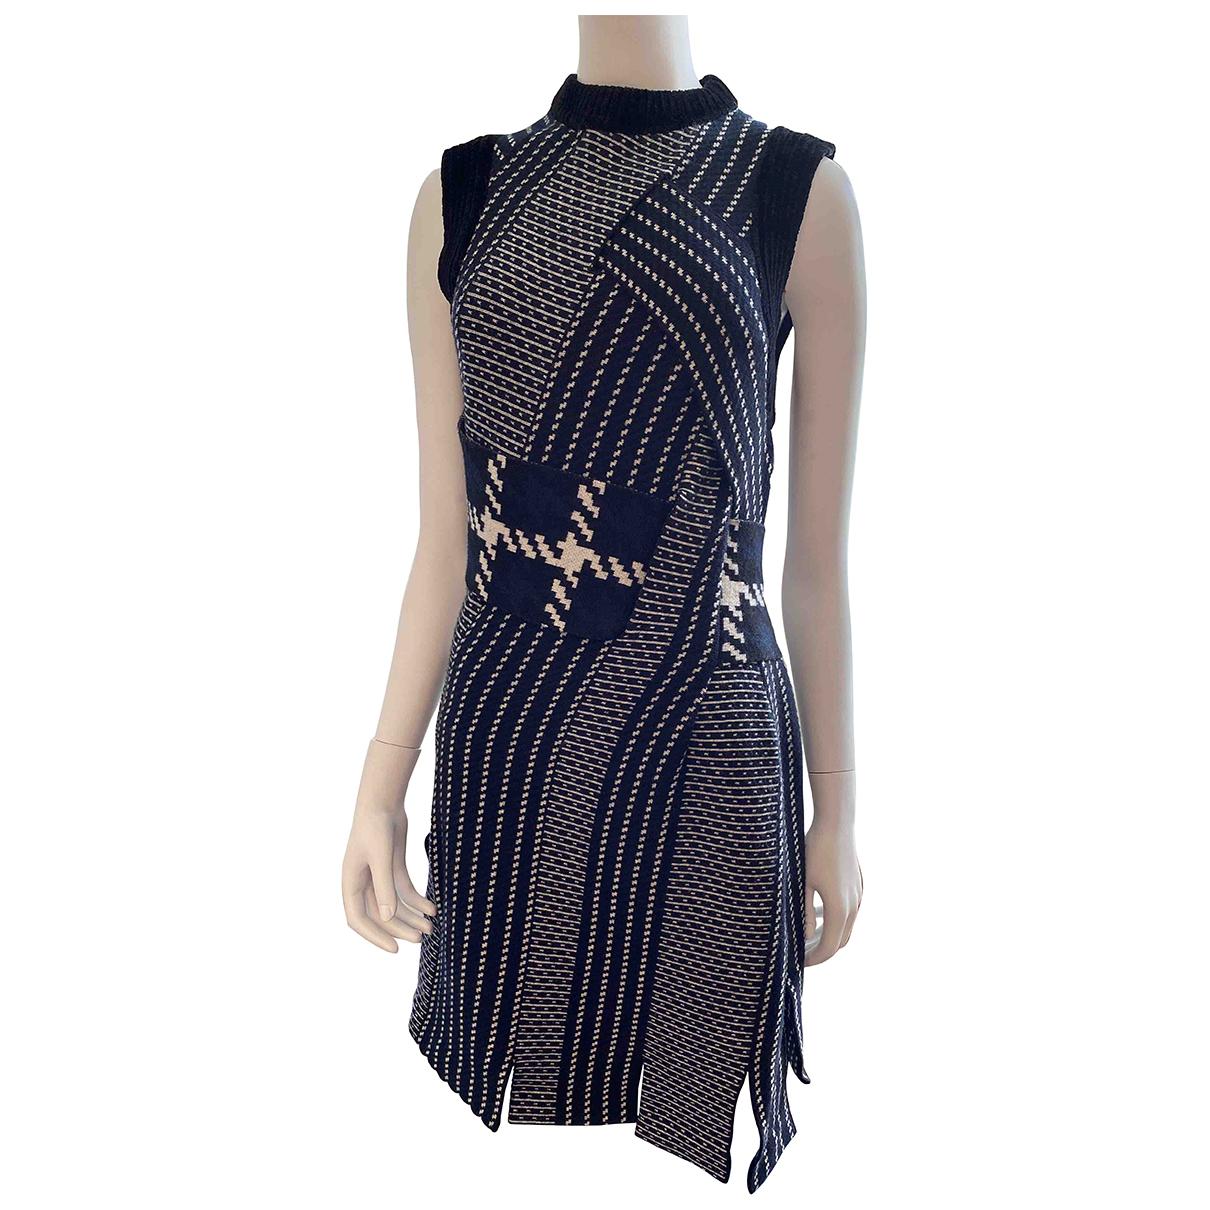 3.1 Phillip Lim \N Kleid in  Blau Wolle